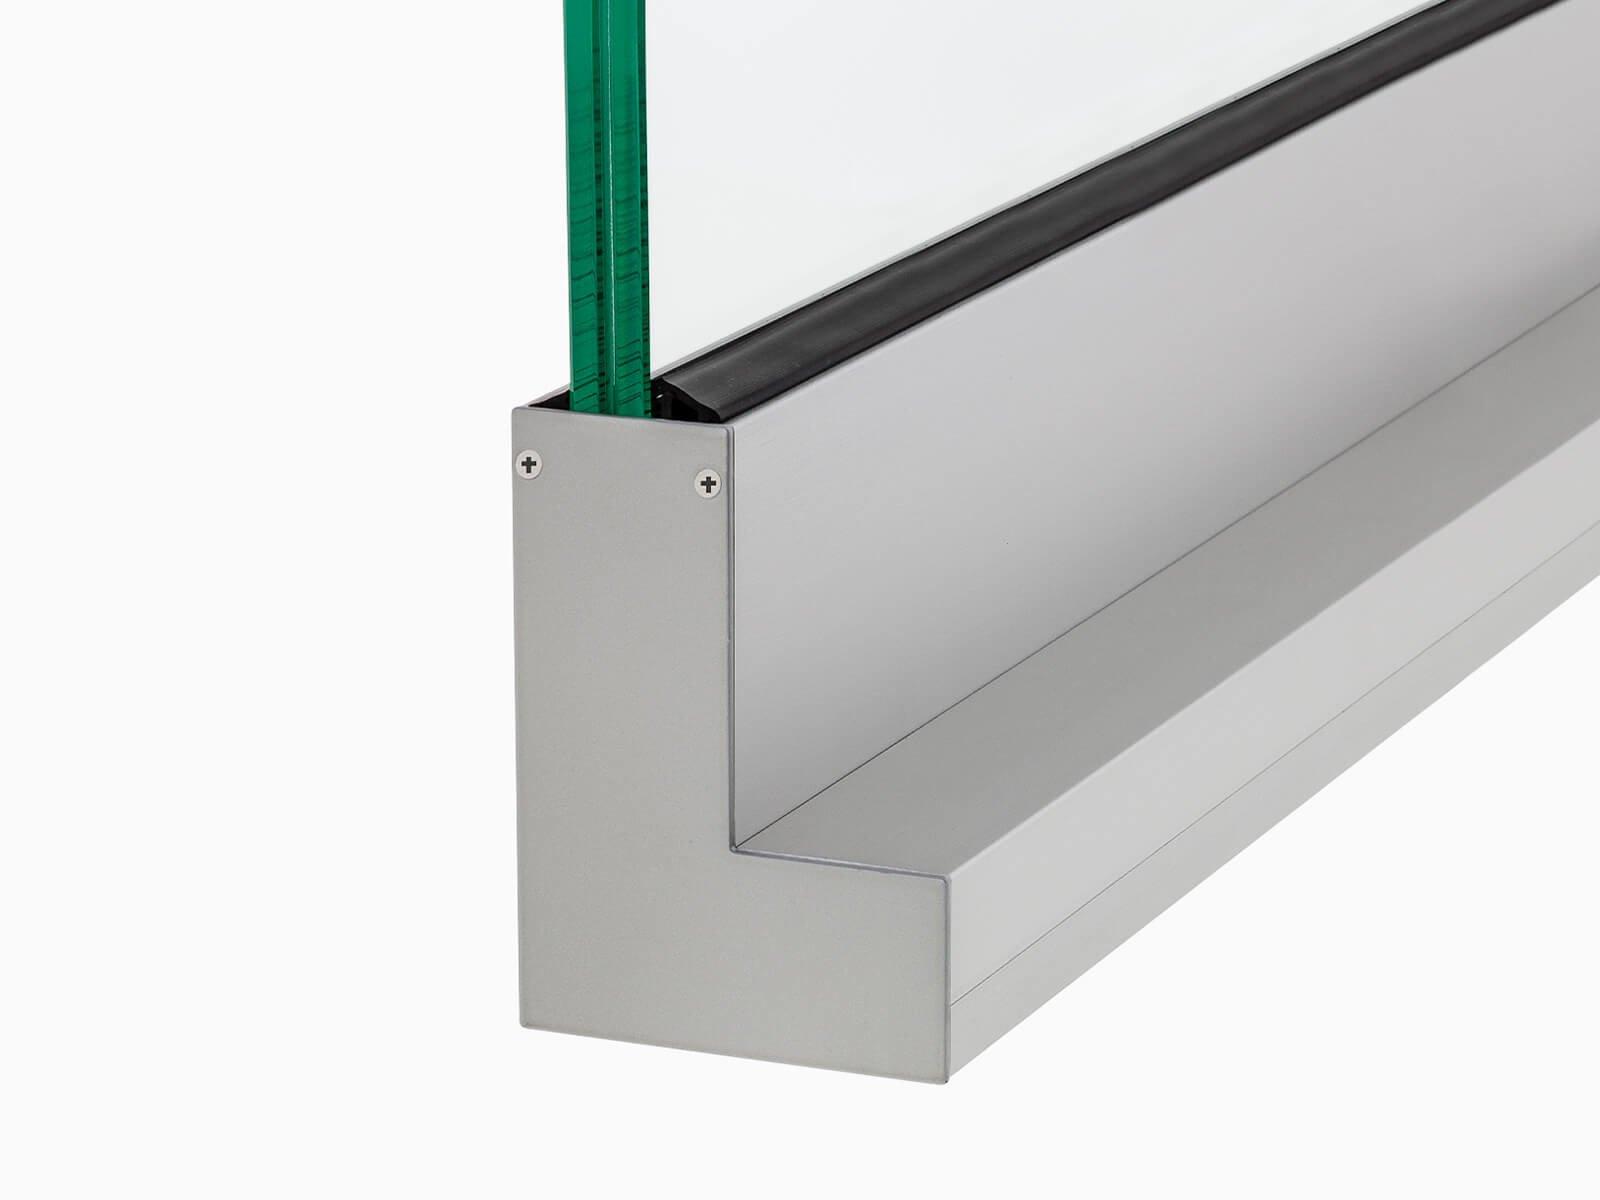 Glashalterung Brüstung DELGADO mit Endkappe aus hochwertigem Edelstahl